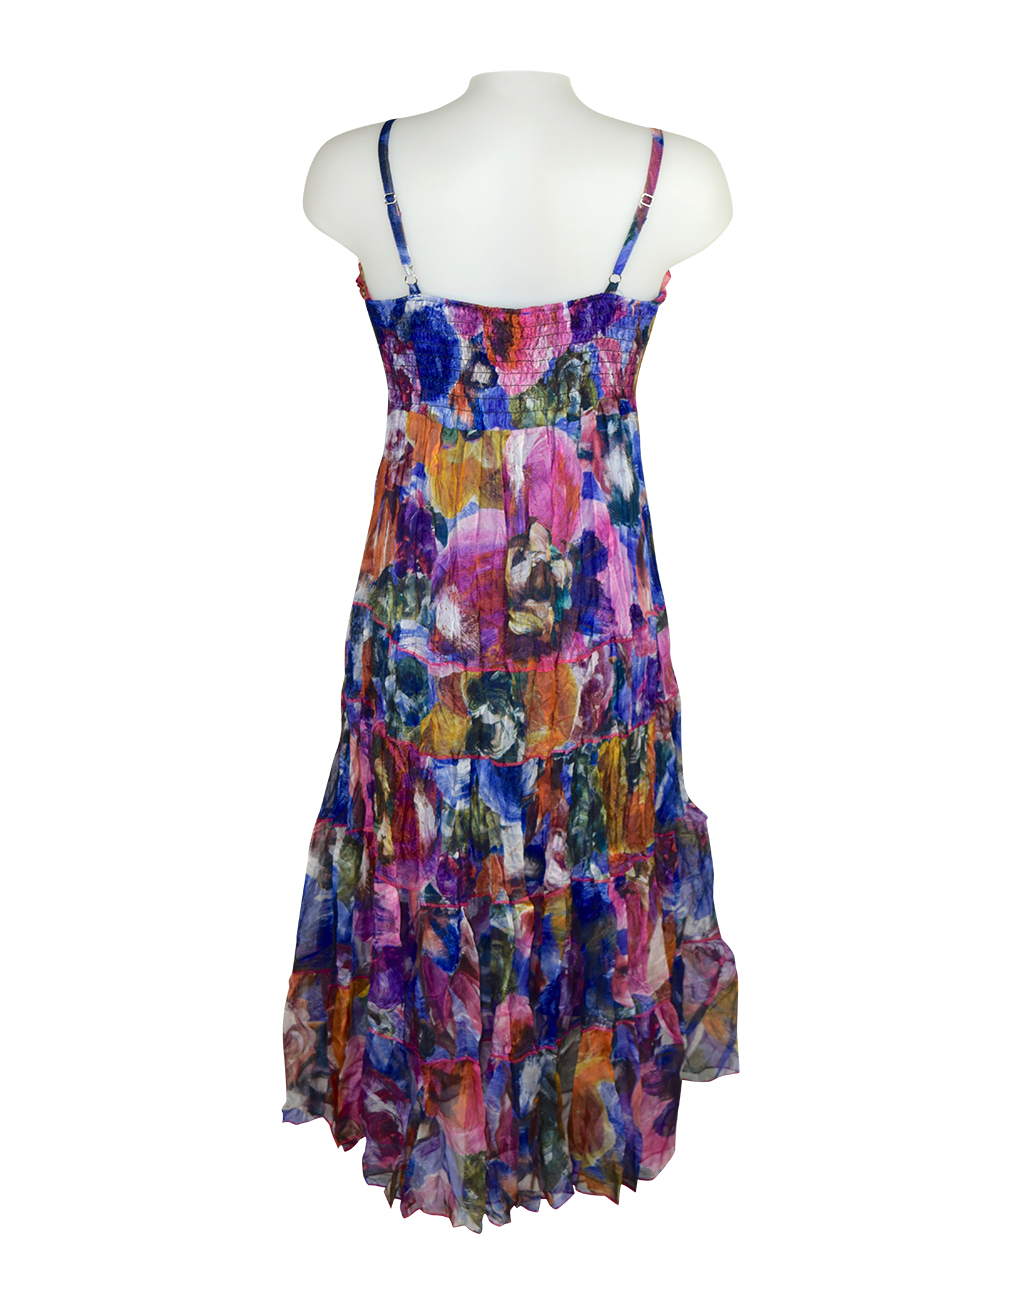 Sensations Pour Elle Blue Mix Abstract Maxi Dress One Size